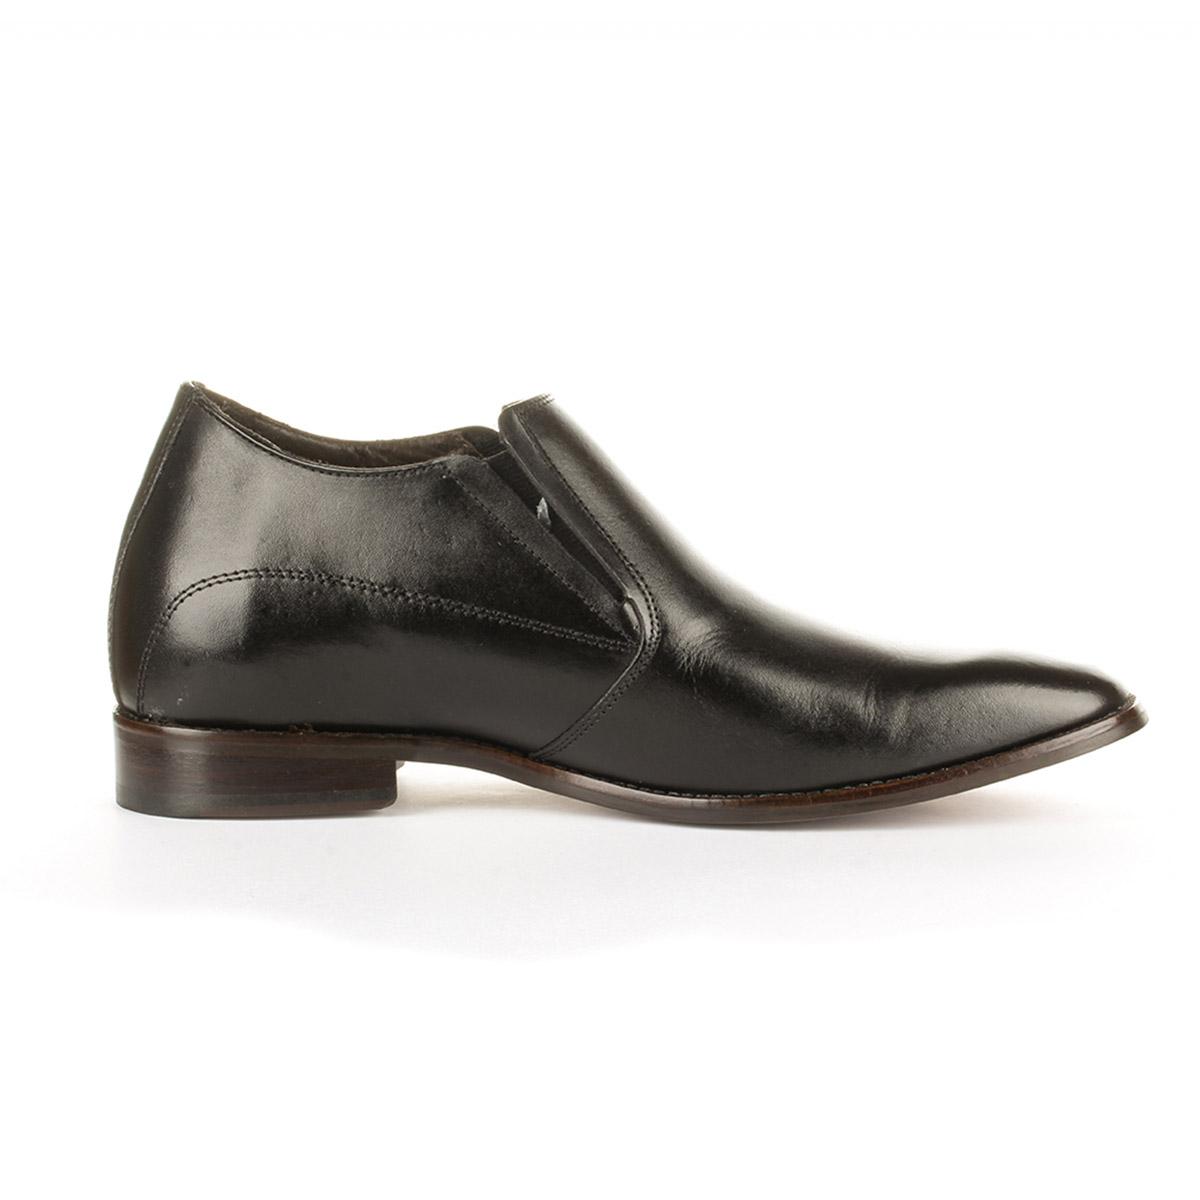 Zapato Formal Style Negro Max Denegri + 7cms de Altura _75830